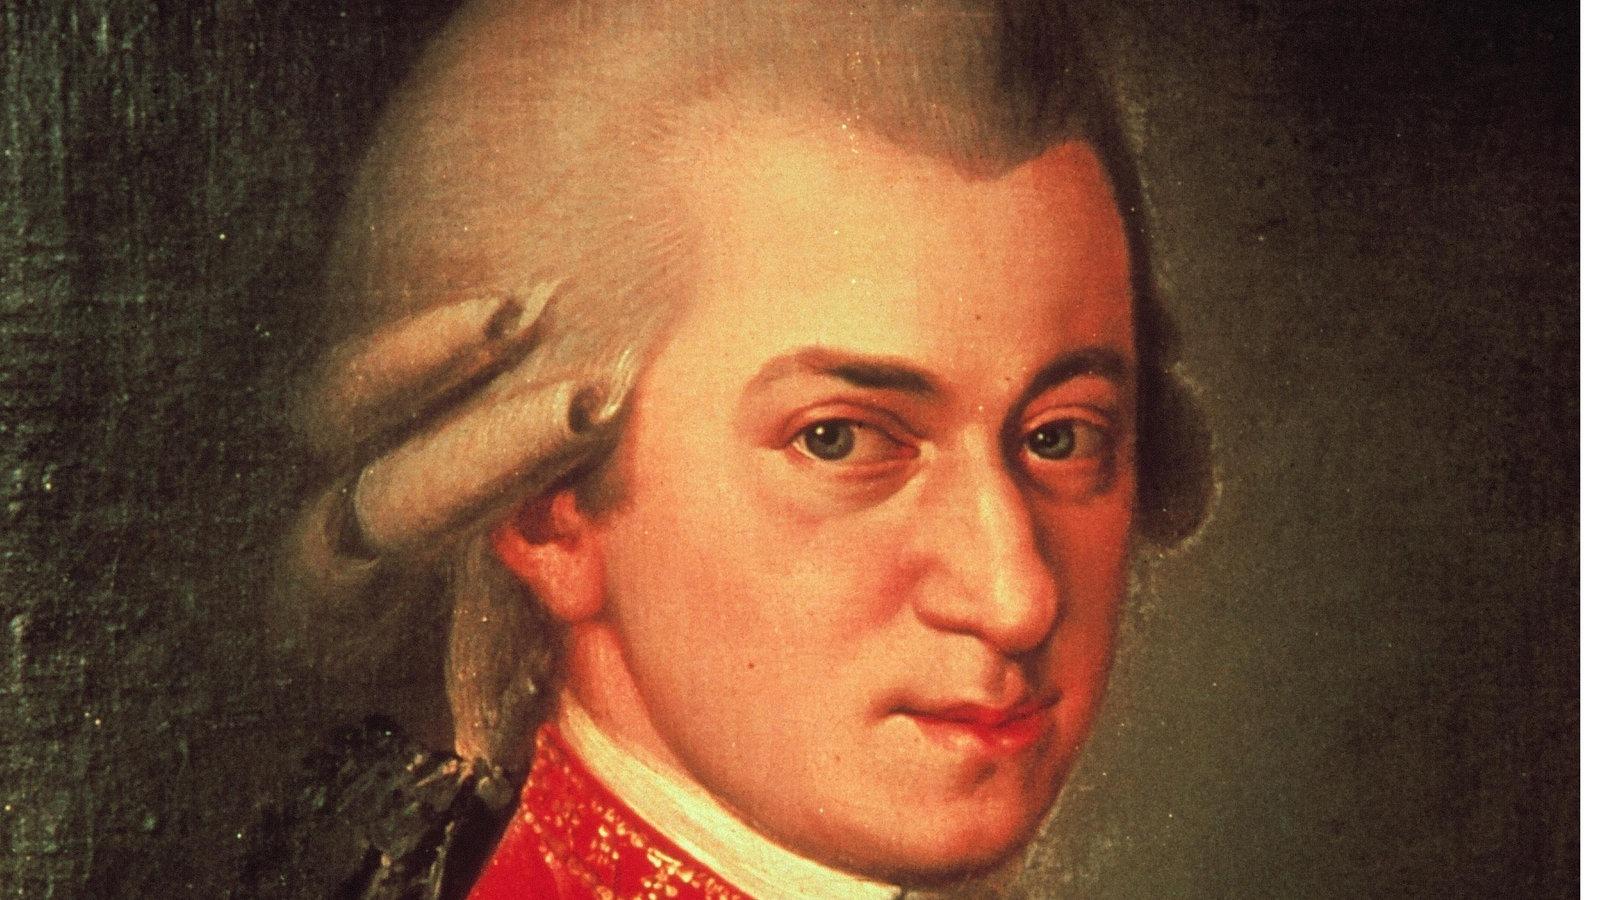 Wolfgang Amadeus Mozart Mozart - The London Symphony Orchestra London Symphony Orchestra Die Meisterkonzerte Für Klavier Und Orchester: Nr. 19 F-dur Kv 459 - Nr. 20 D-moll Kv 466 - Nr. 23 A-dur Kv 488 - Nr. 27 B-dur Kv 595